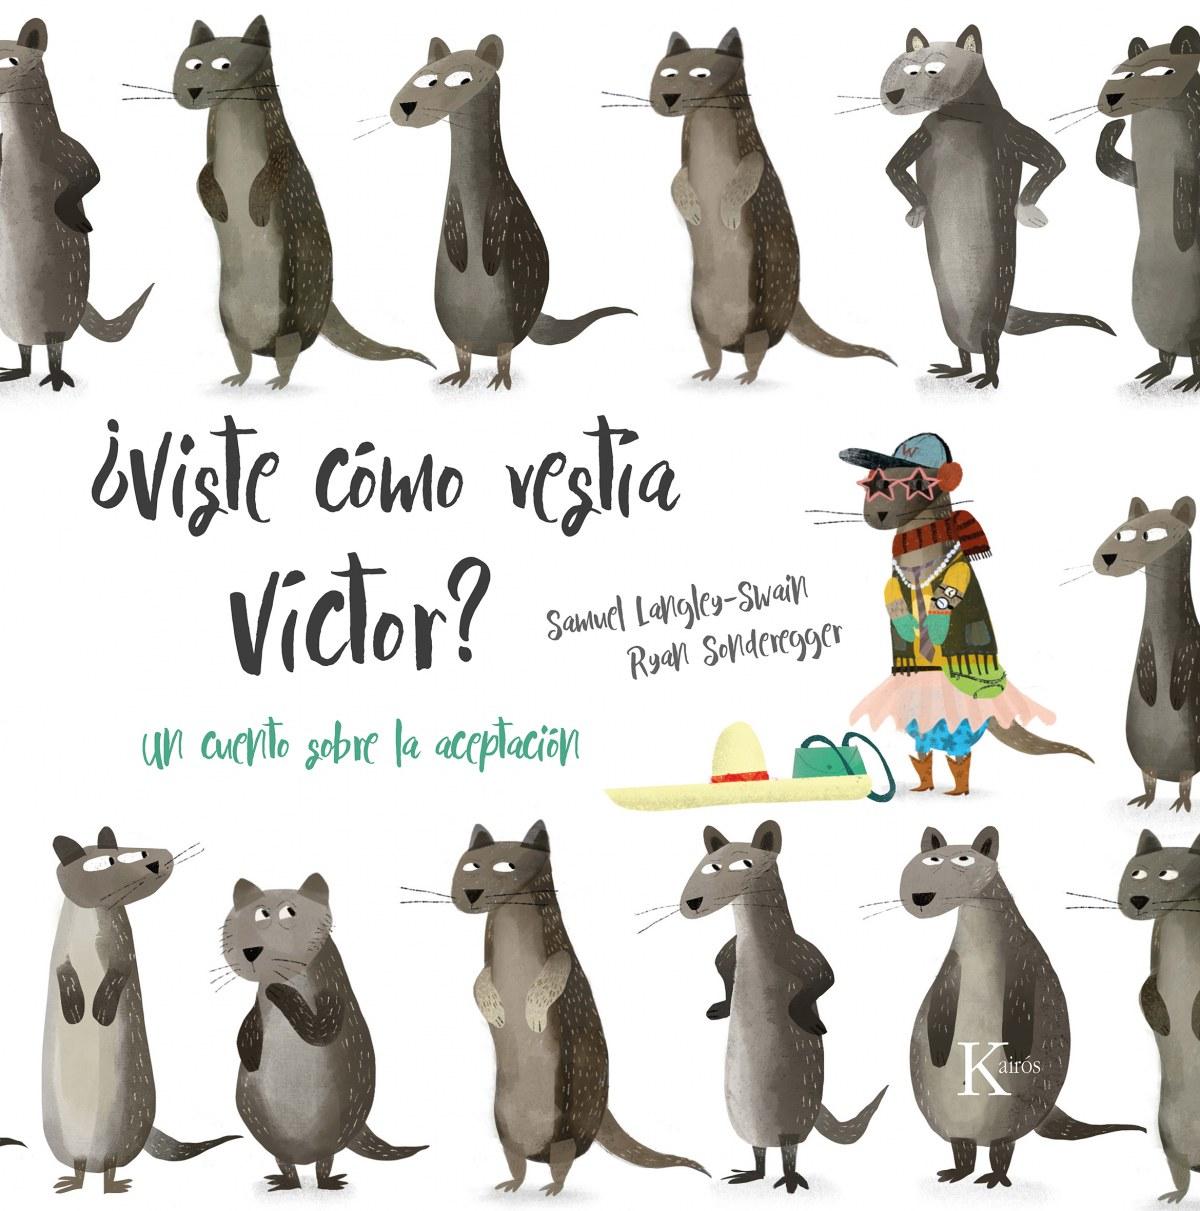 ¿Viste cómo vestía Víctor